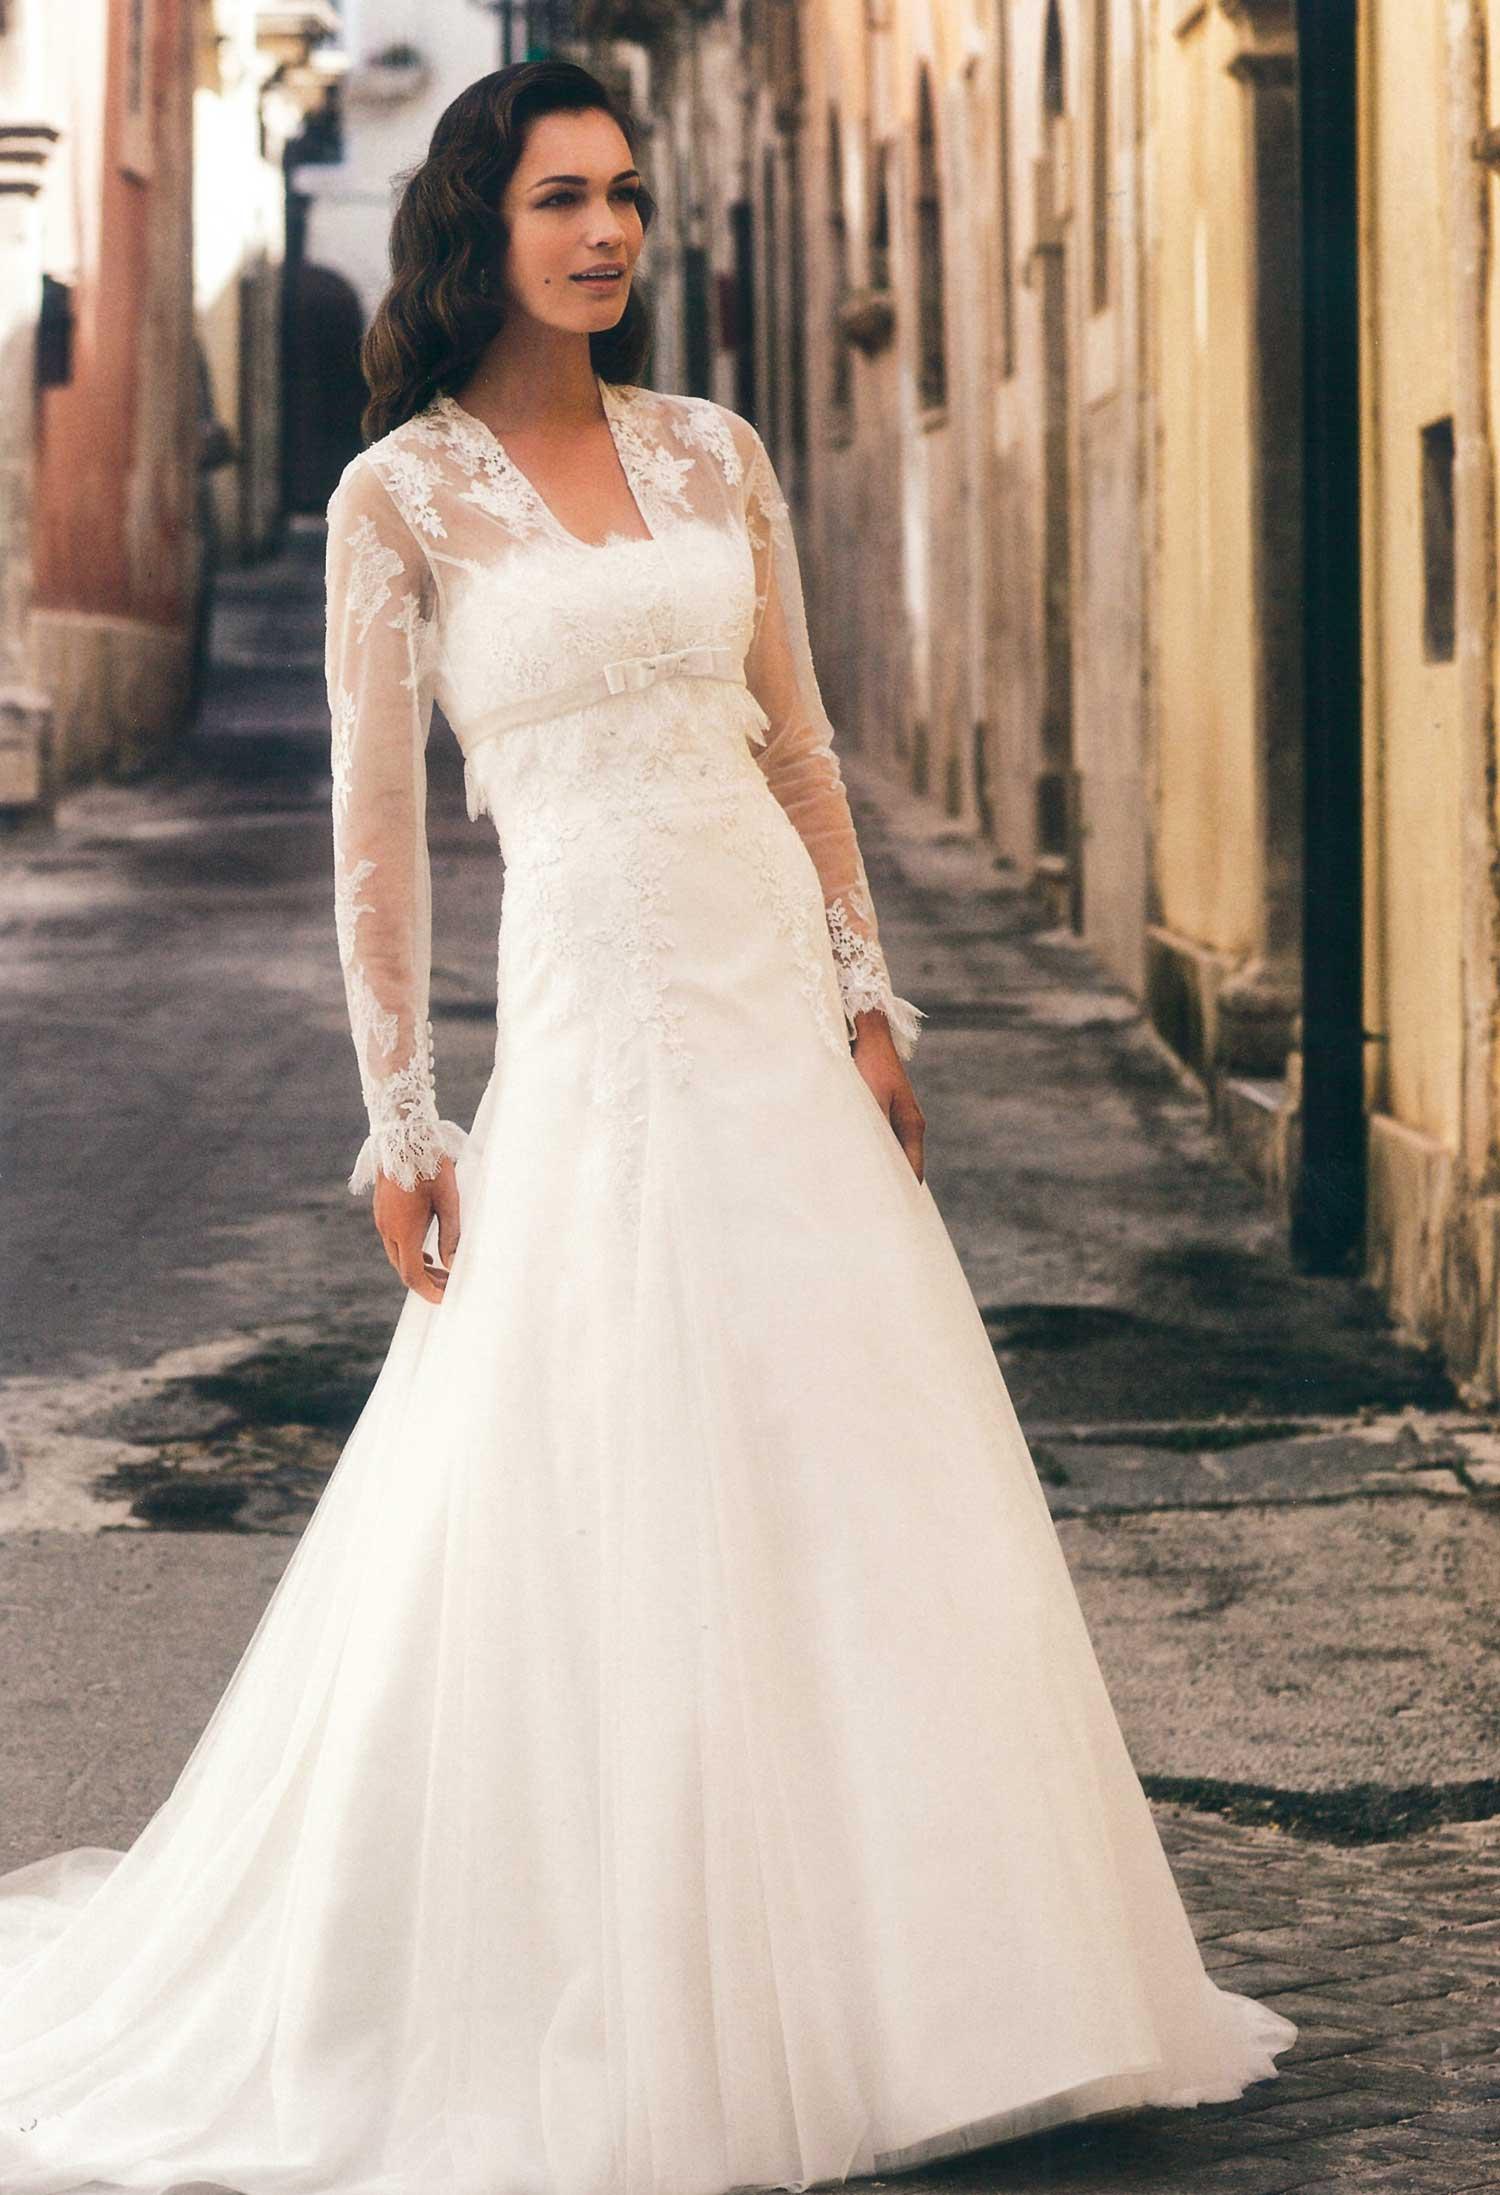 Abiti da sposa a moncalieri